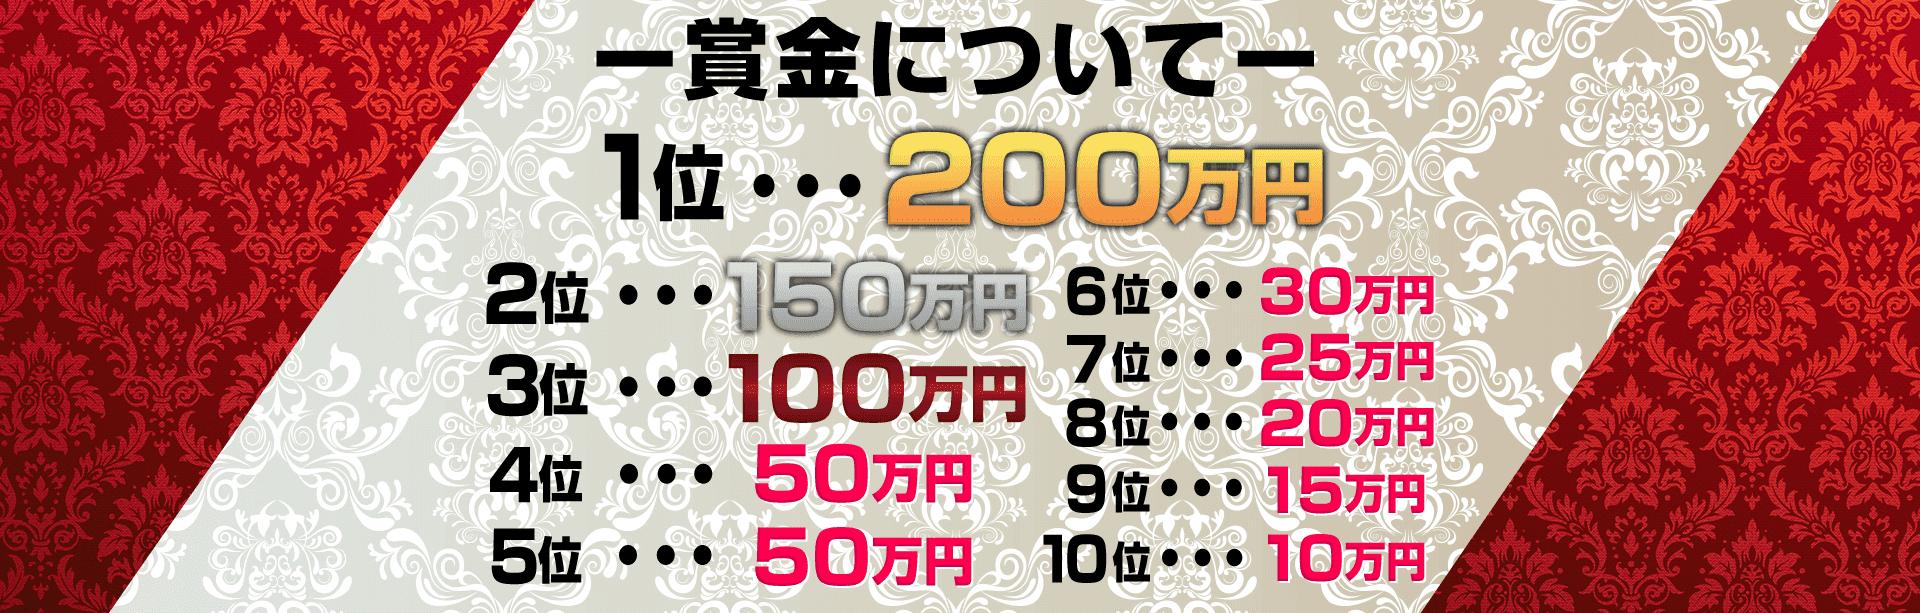 【賞金について】『いい波ショコラ』の賞金は、1位200万円、2位150万円、3位100万円、4位・5位50万円、6~10位は30万円~10万円。